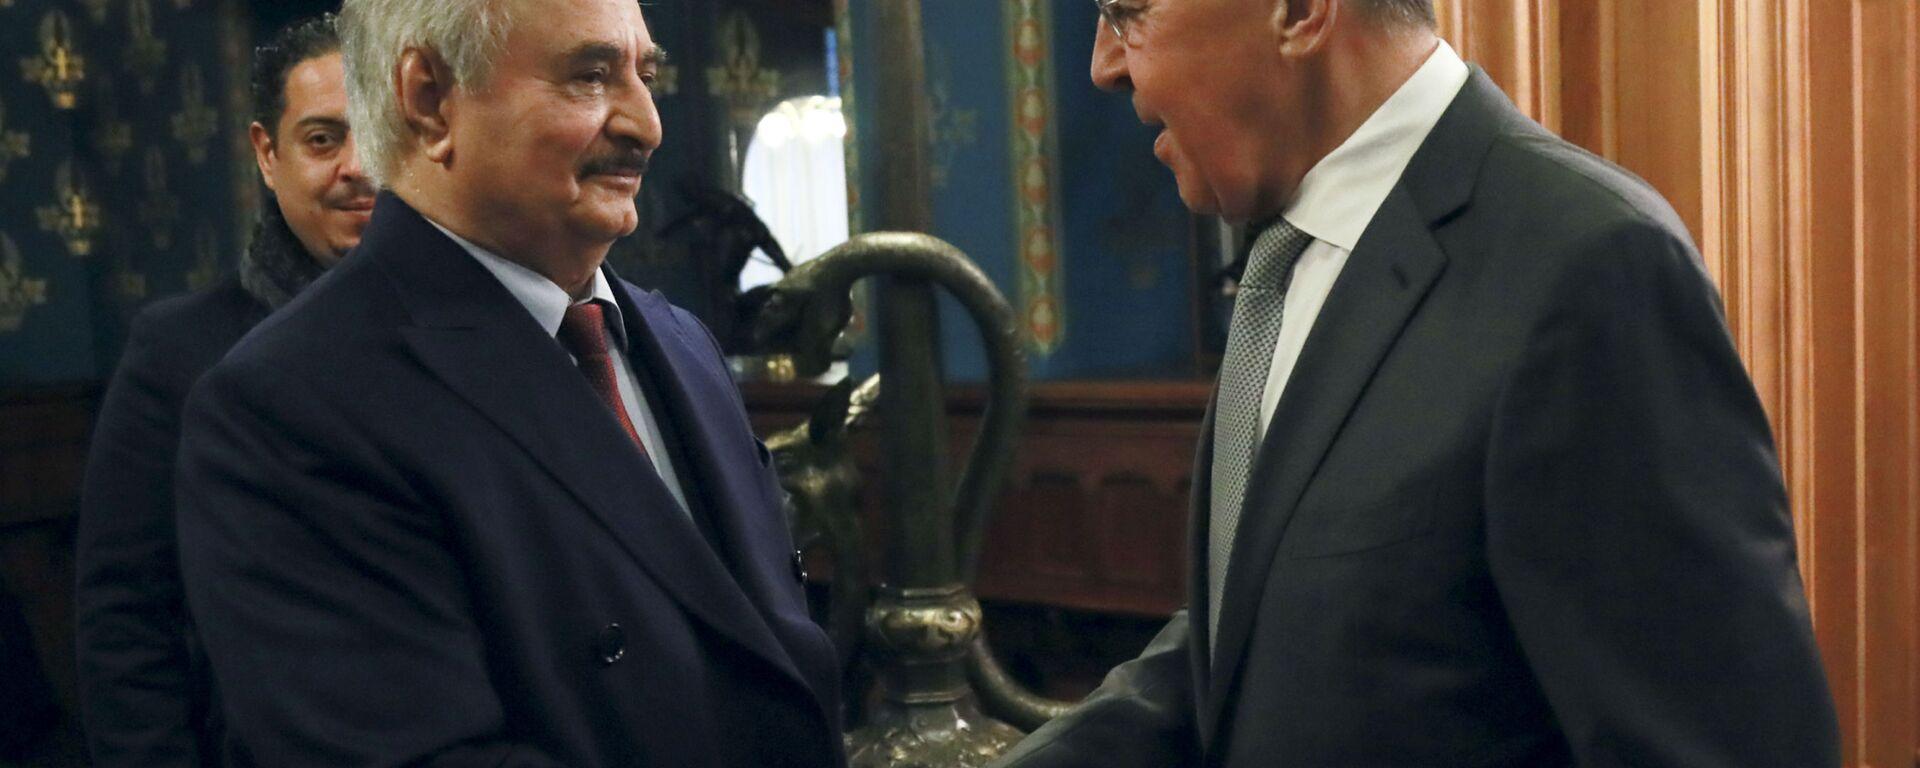 Либијски генерал Халифа Хафтар и министар спољних послова Русије Сергеј Лавров на састанку у Москви - Sputnik Србија, 1920, 23.09.2021